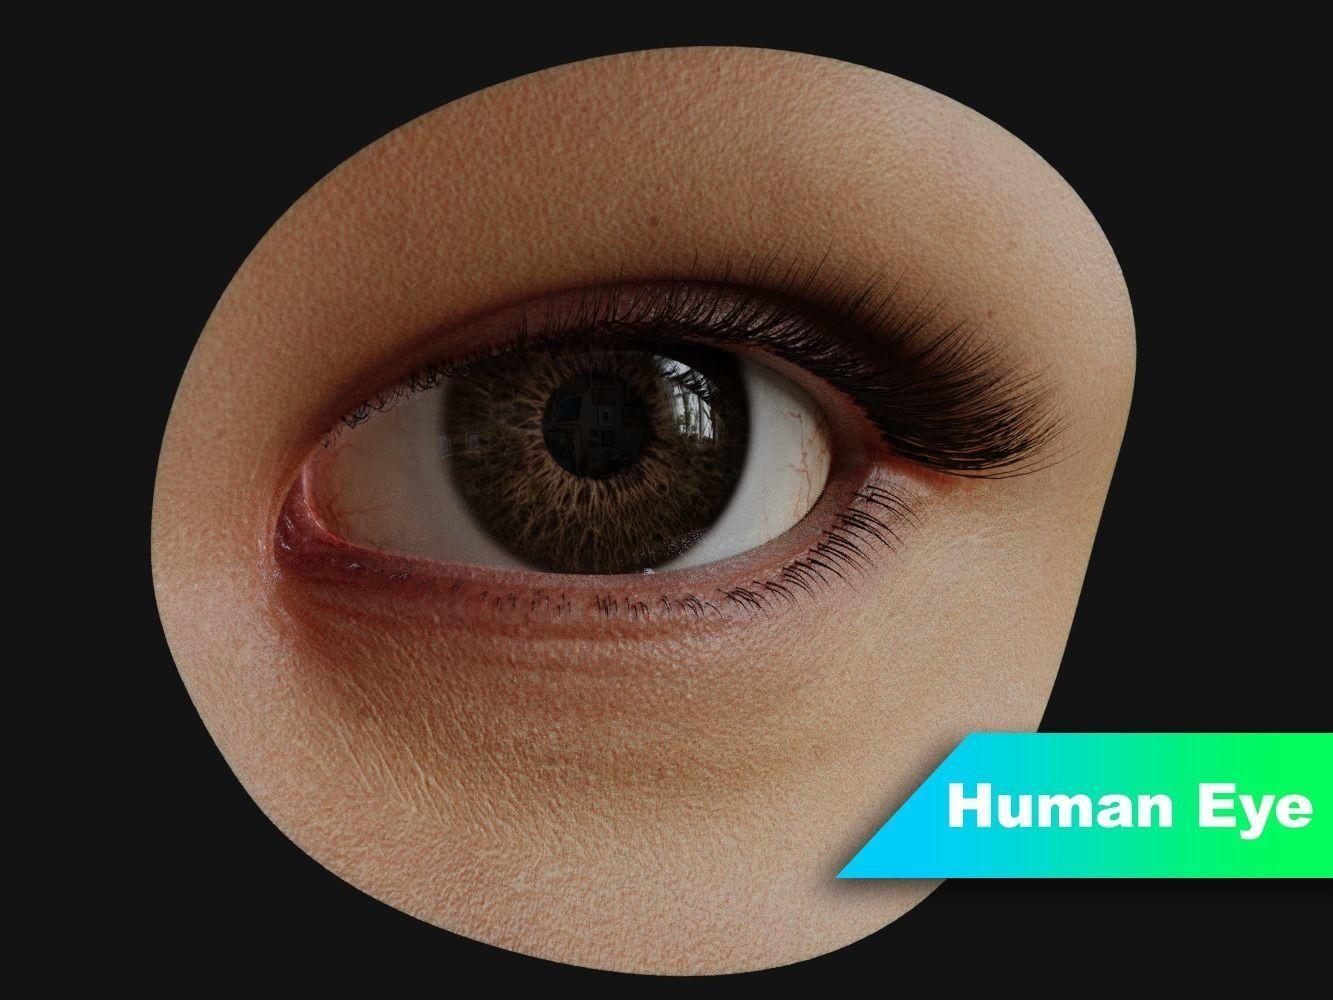 Human Eye with Eyelids